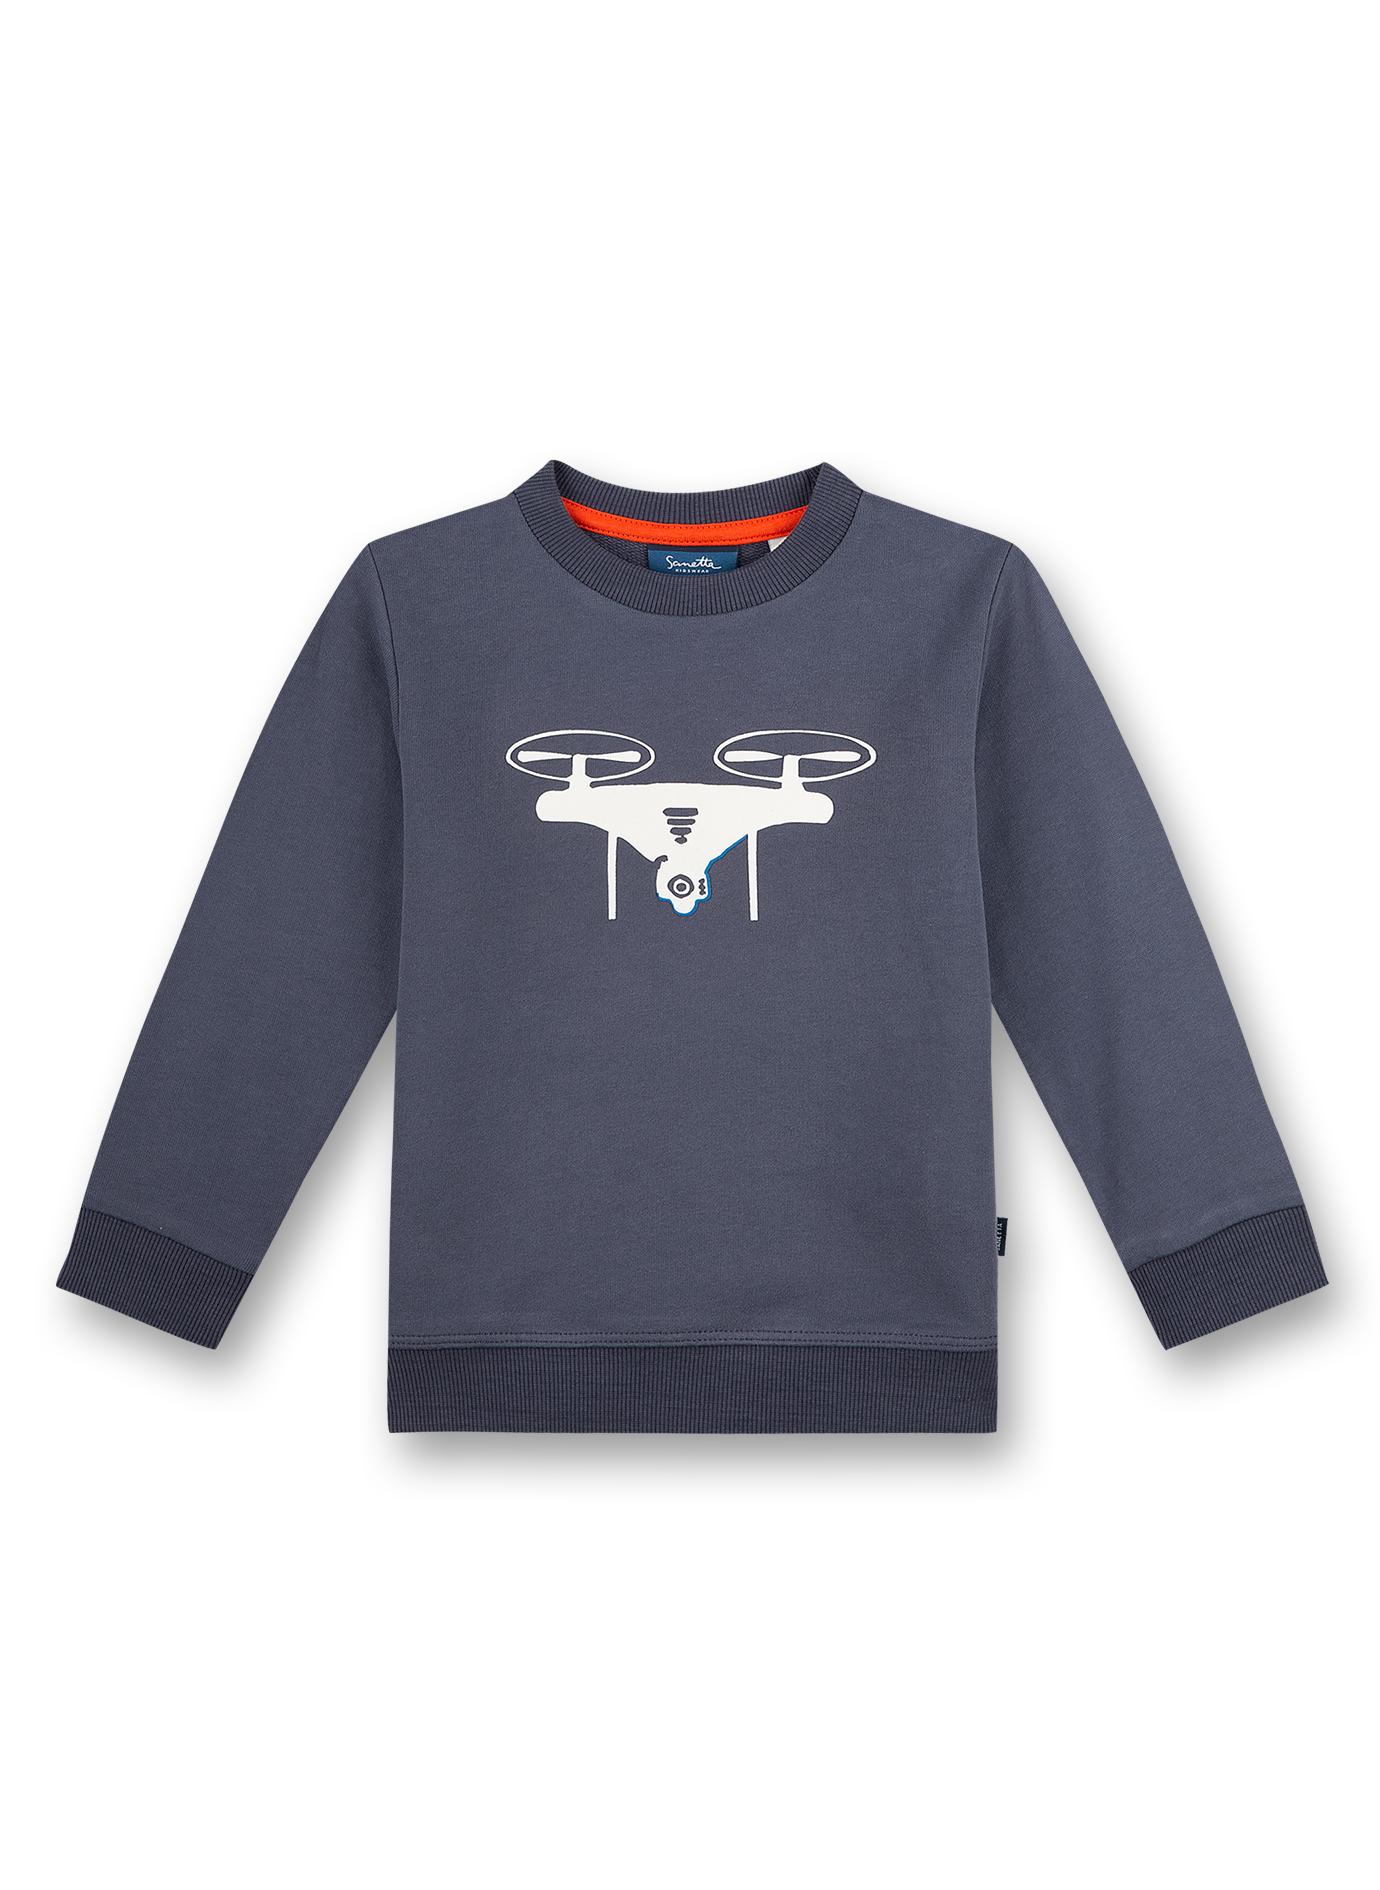 Sweatshirt 122 dark blue Sanetta Kidswear